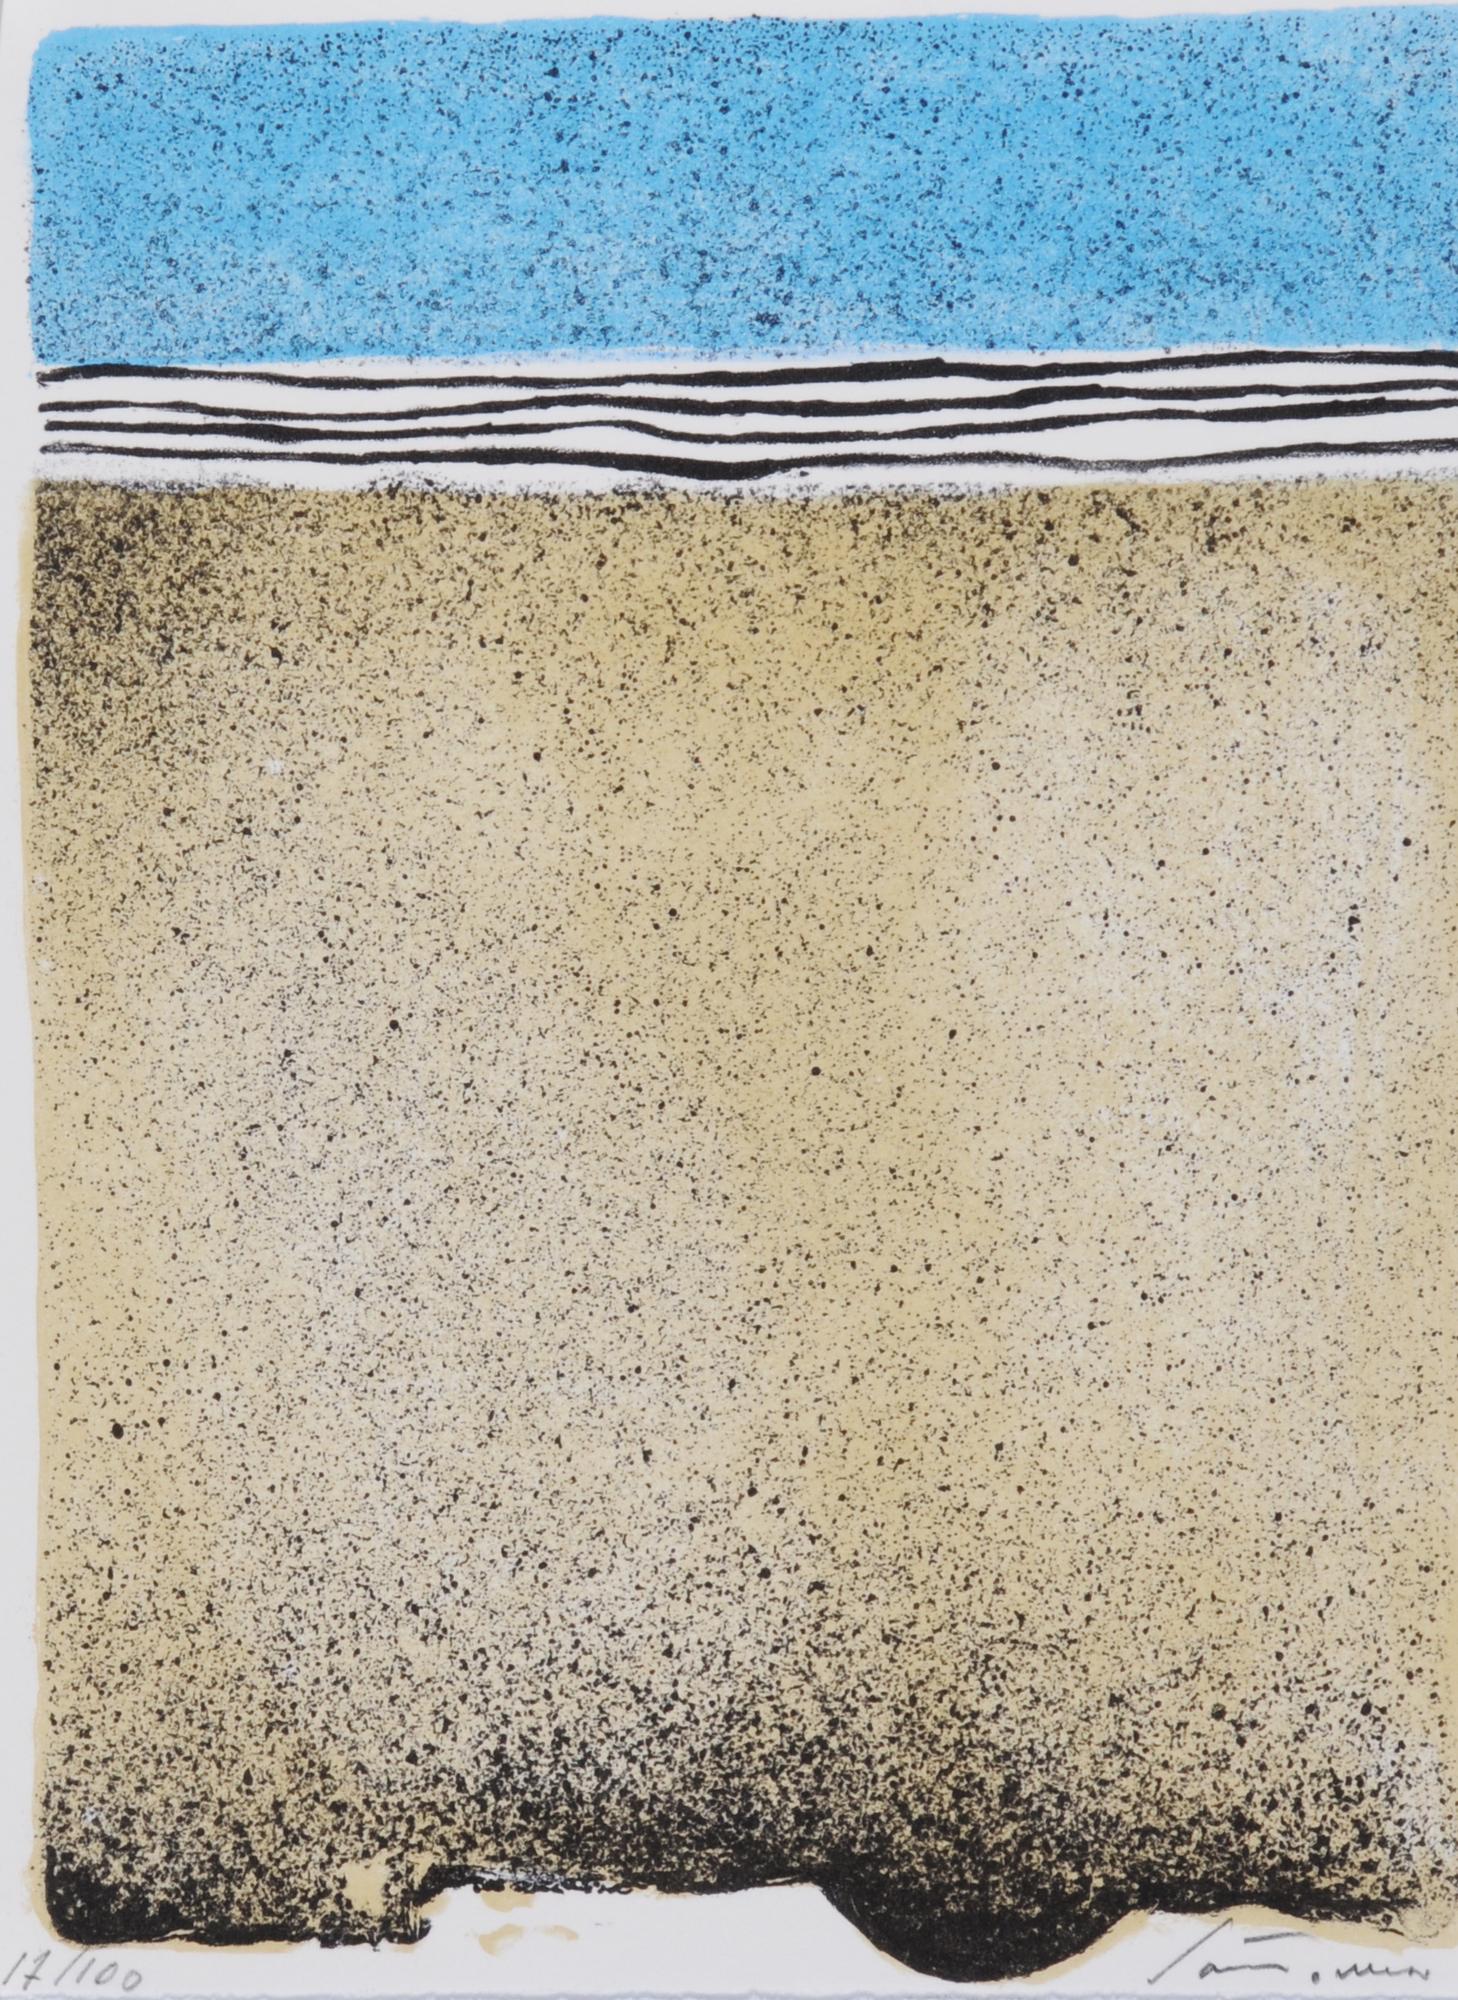 Grafik, Exhibition catalogue. Hommage à Hans Arp, 5. November 1966 - 31. January 1967